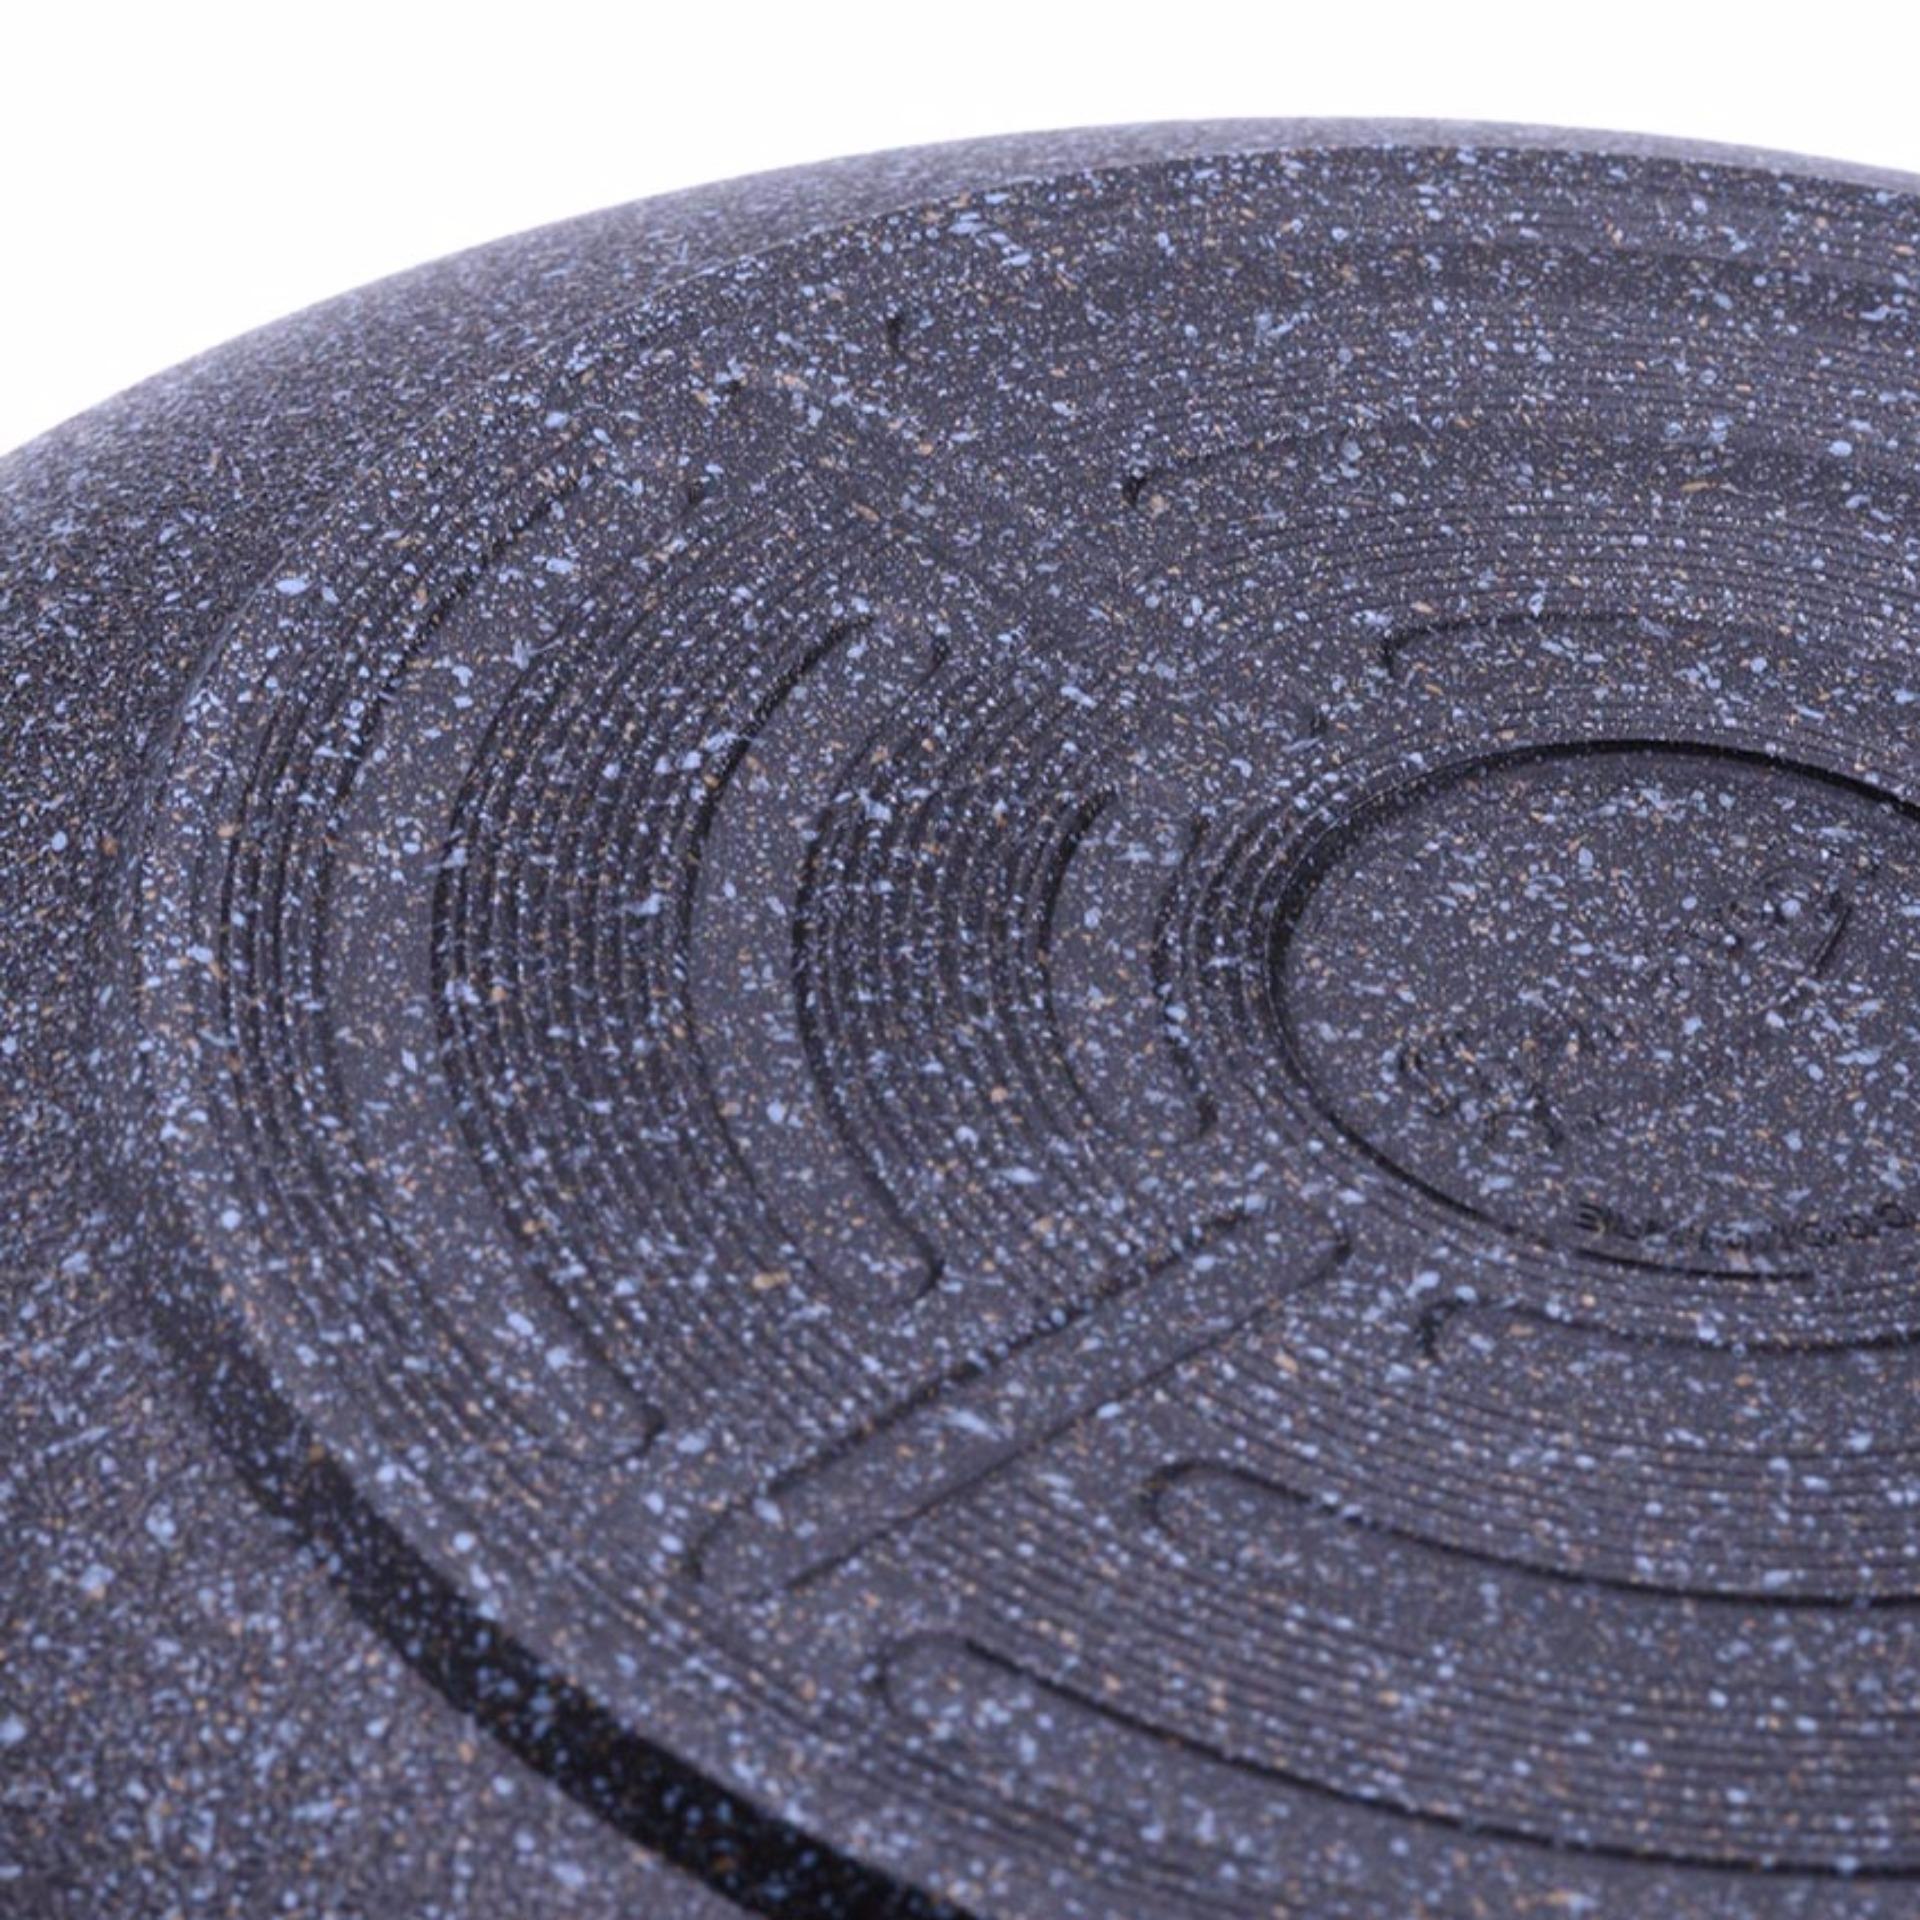 COMBO chảo đá sâu 32cm + đá cạn 32cm + đá cạn 24cm hãng Cook Waynhập khẩu Hàn Quốc